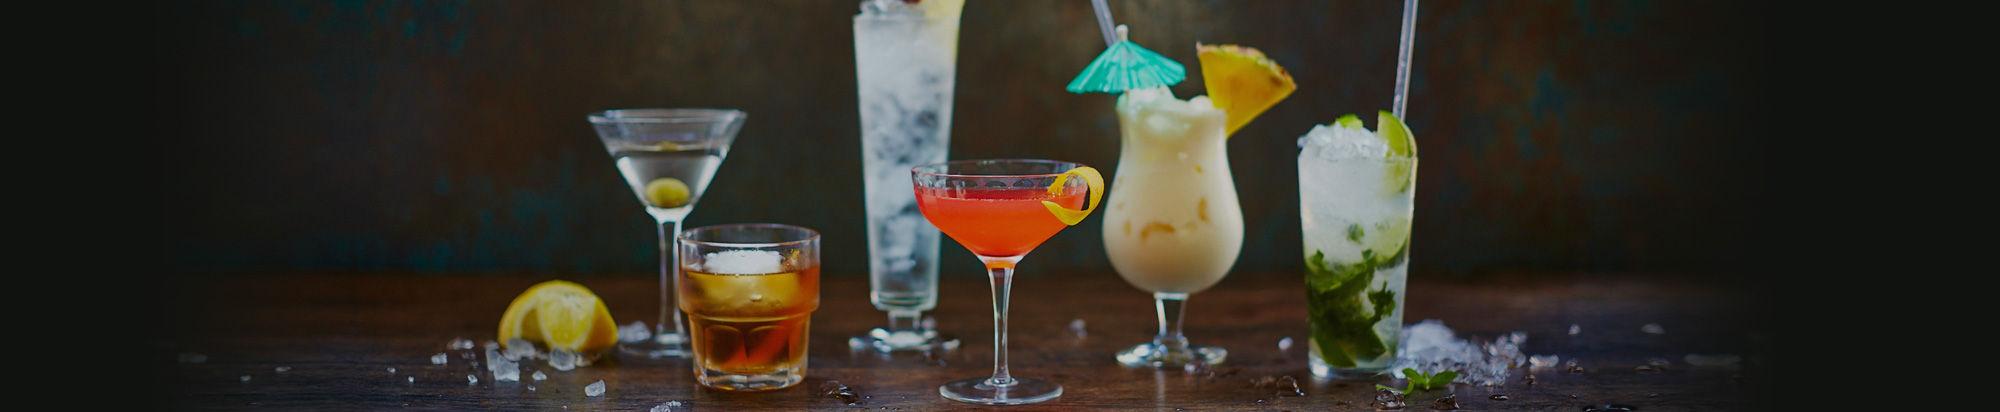 drinks recipes drinks tube jamie oliver. Black Bedroom Furniture Sets. Home Design Ideas